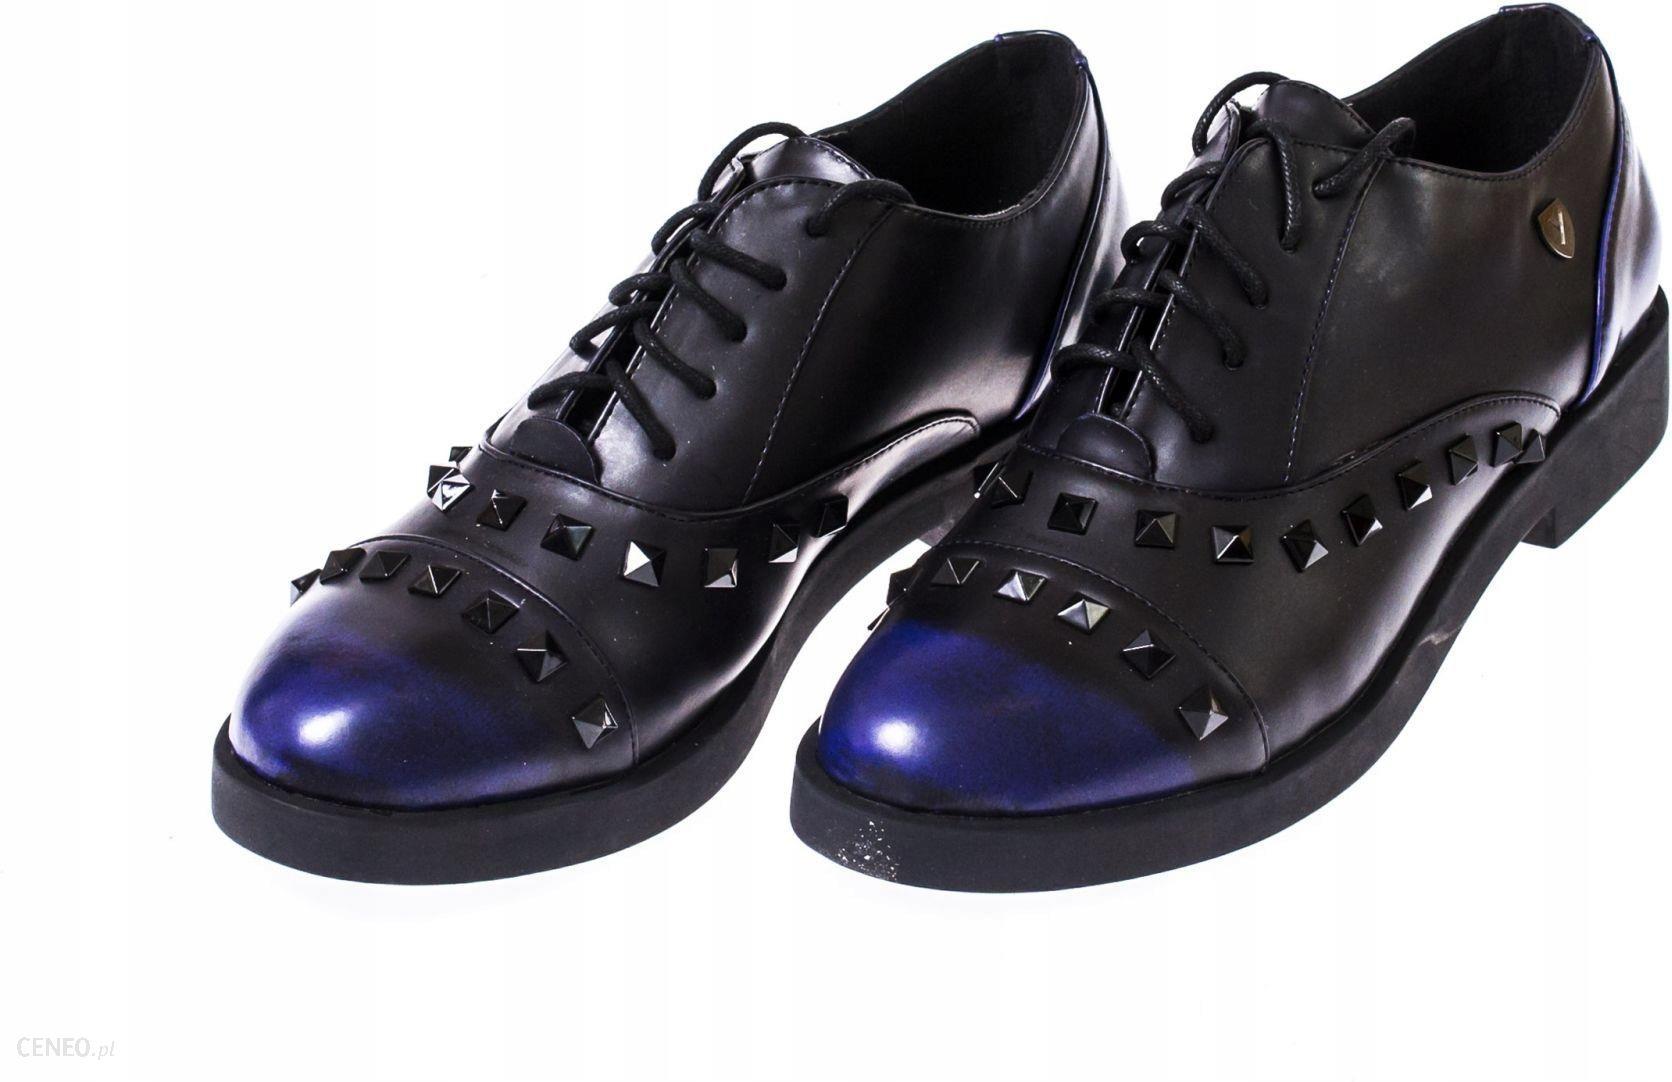 f716b237bd15eb Yamamay buty Włoskie! Promocja! Wyprzedaż! R:35 - Ceny i opinie ...